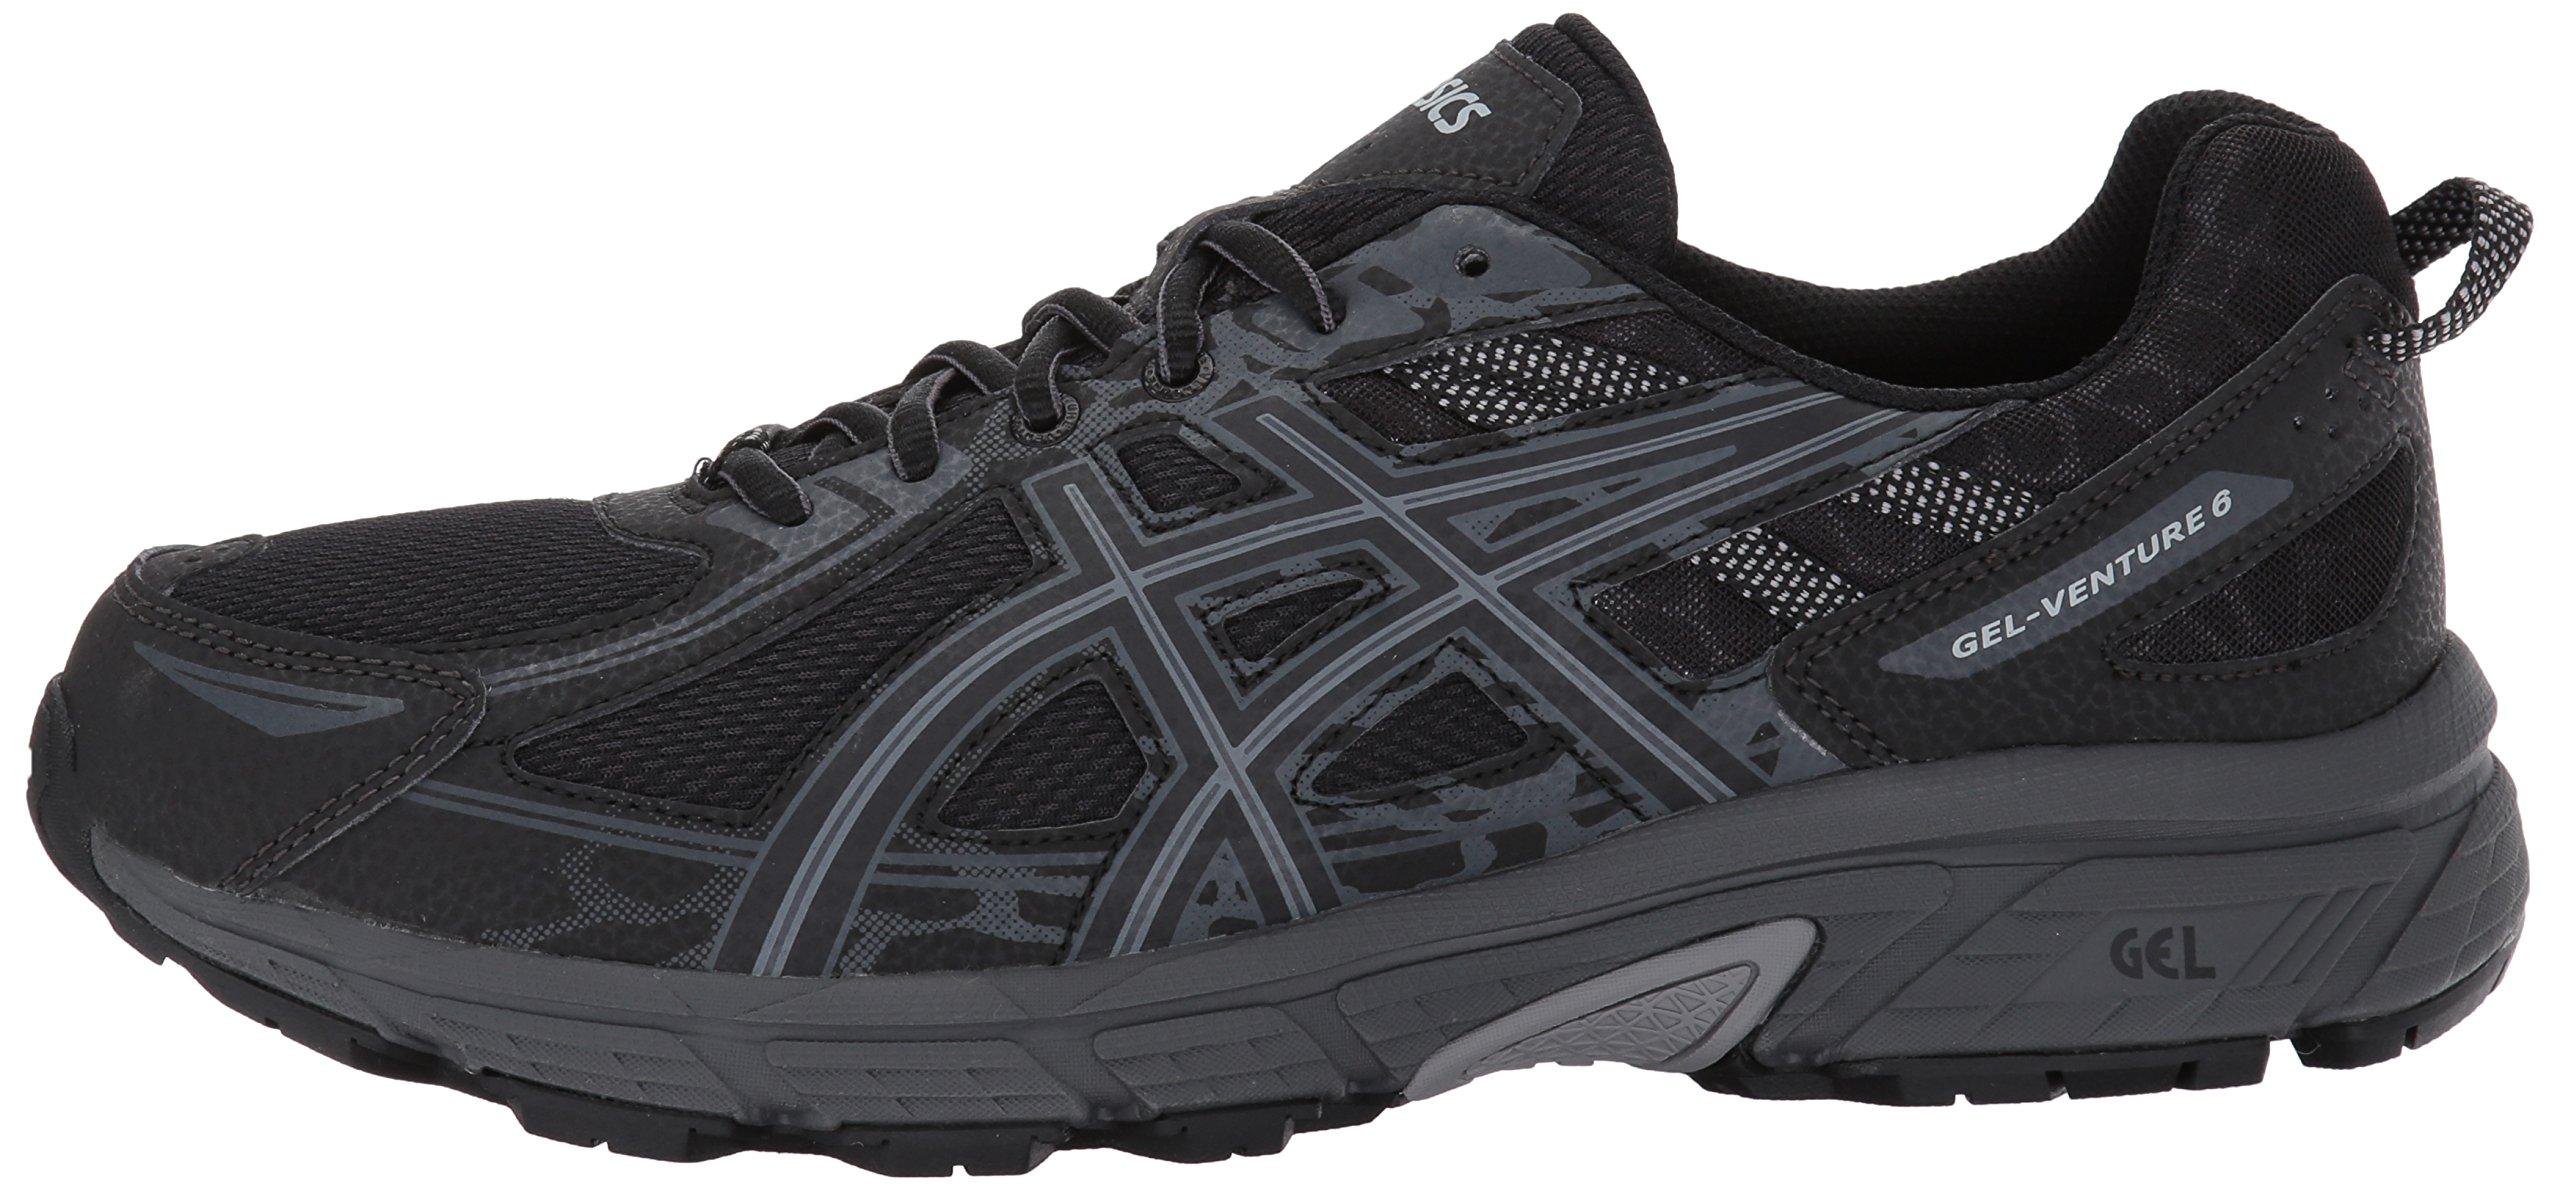 ASICS Mens Gel-Venture 6 Running Shoe, Black/Phantom/Mid Grey, 7 Medium US by ASICS (Image #5)